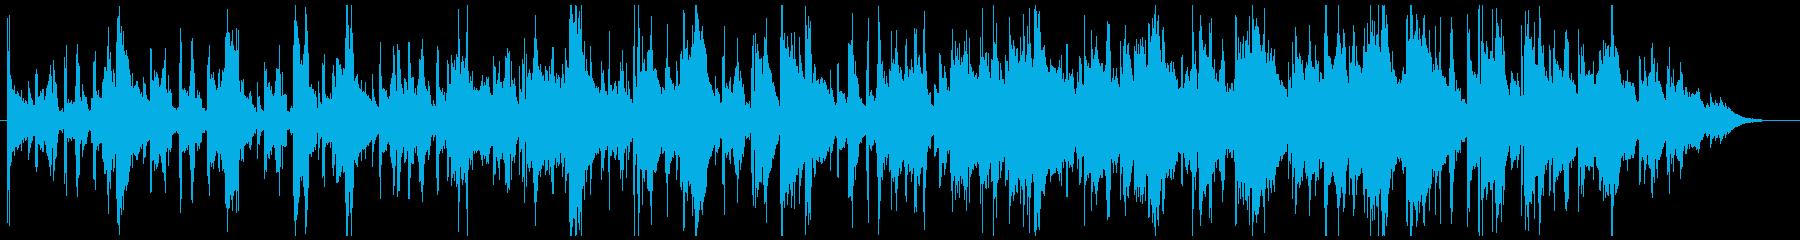 ホラー系BGMの再生済みの波形